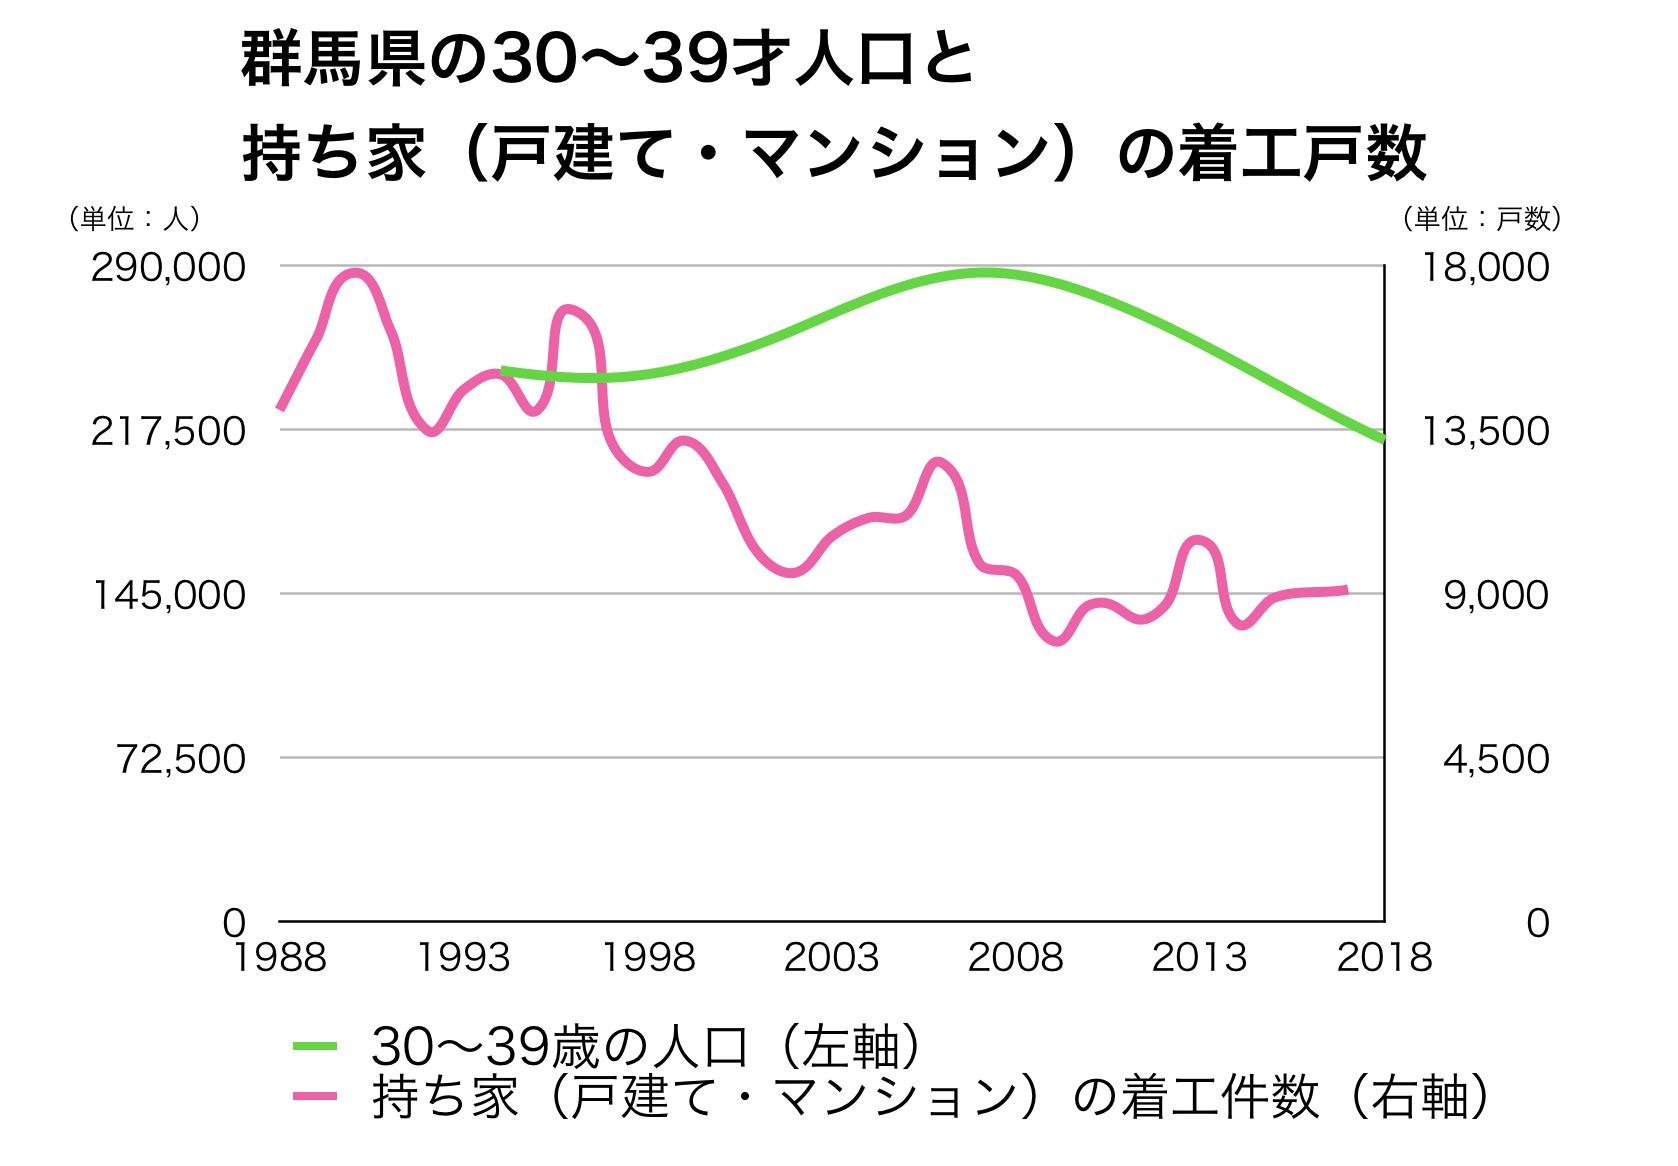 群馬県の30代人口と新設戸数